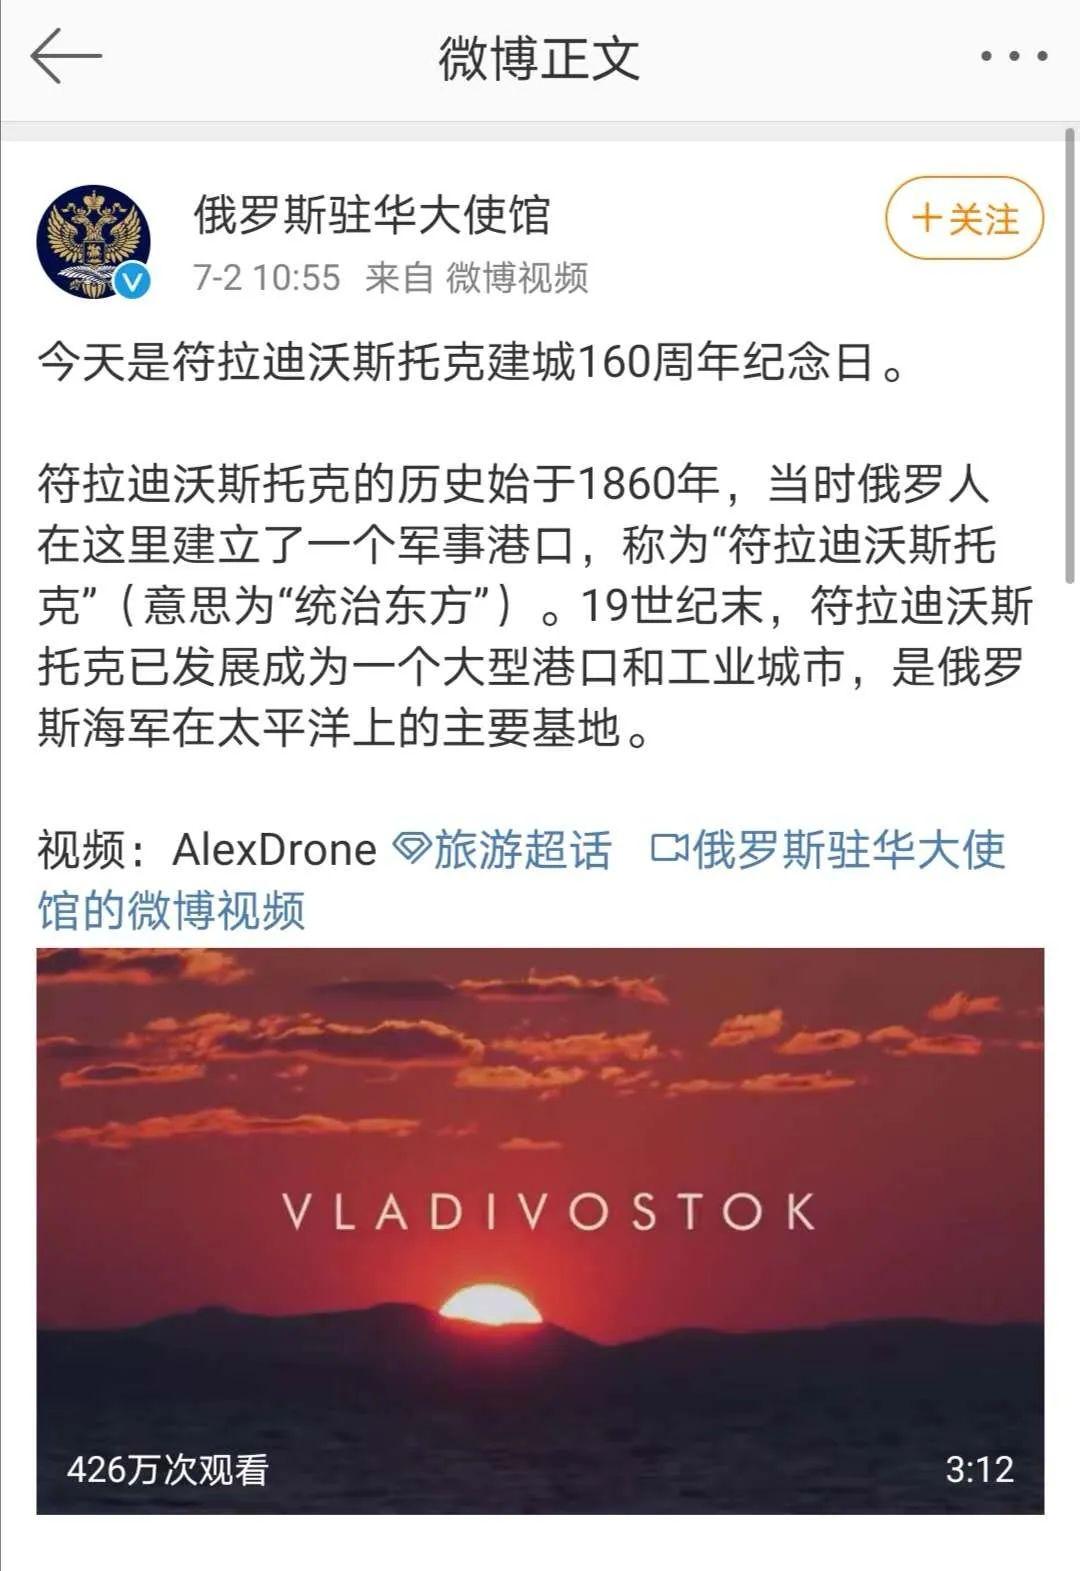 """【搜索引擎优化指南】_新民晚报:俄罗斯驻华大使馆这条""""庆祝""""微博 有点不厚道…"""